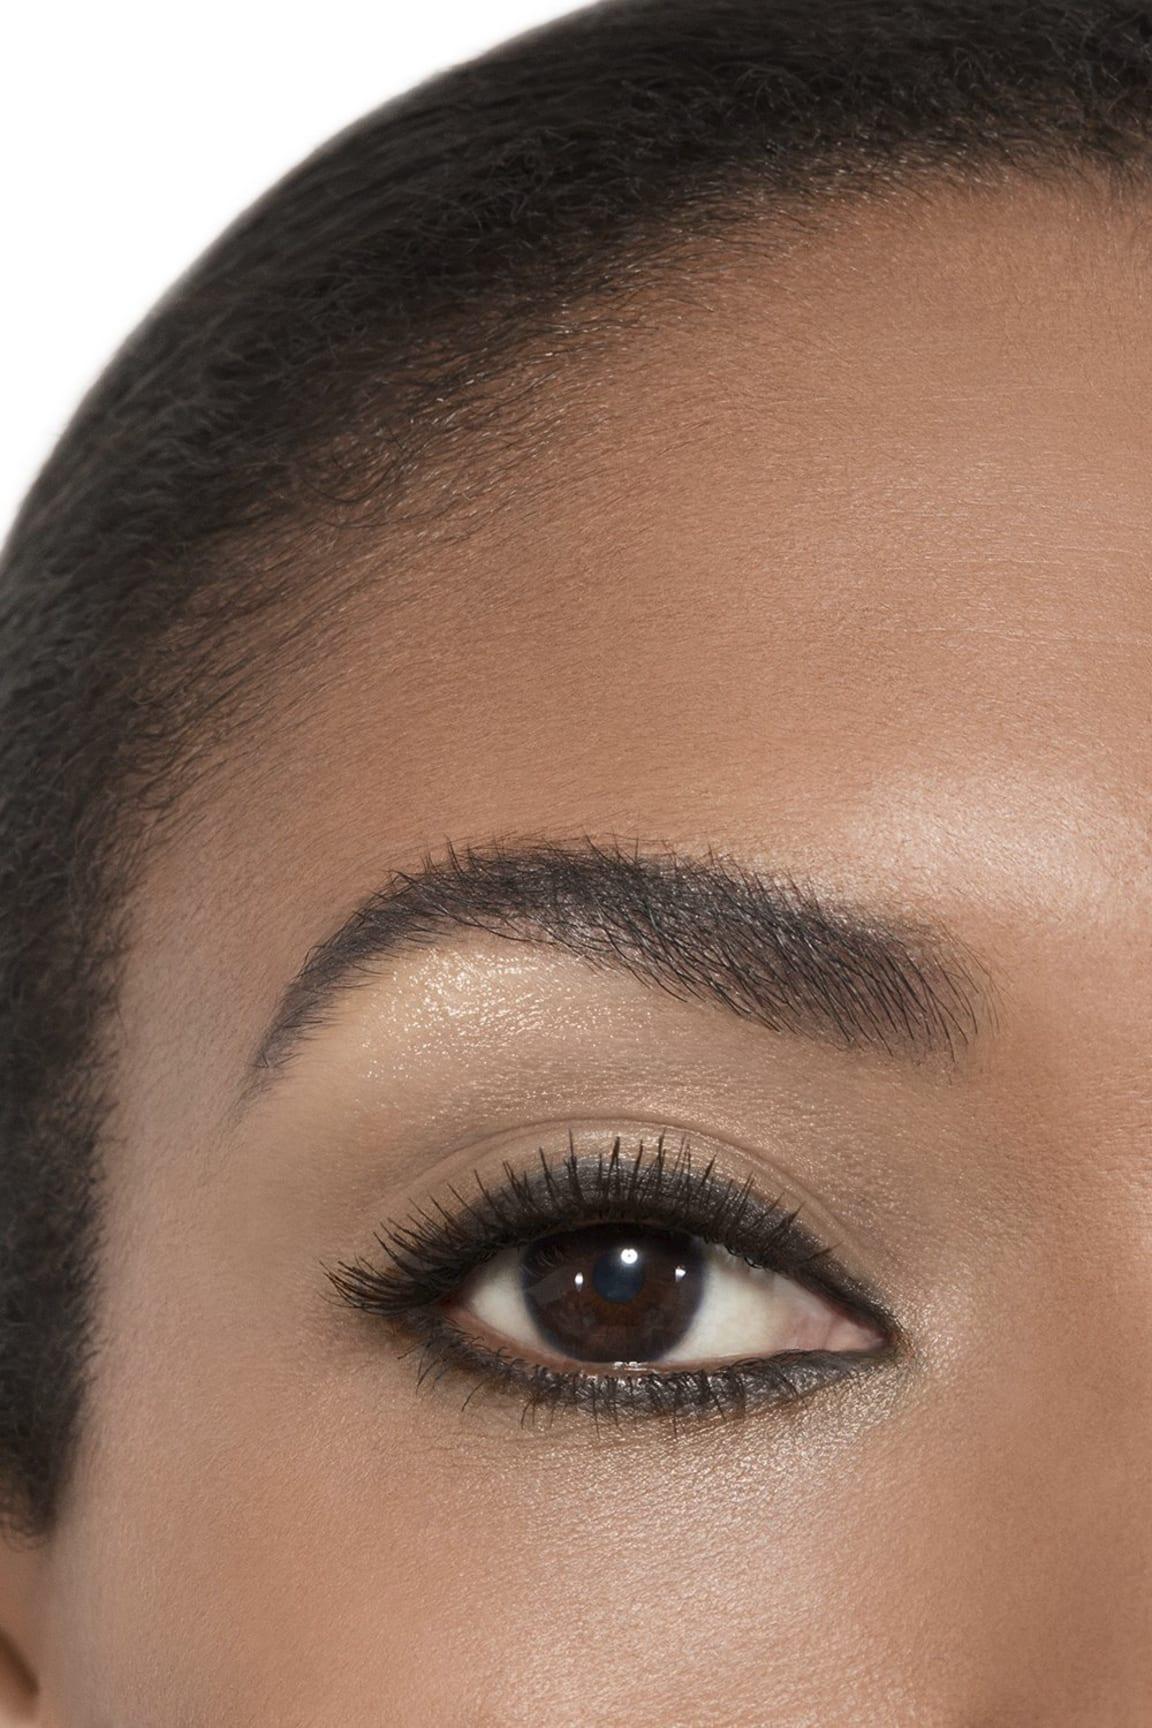 Пример нанесения макияжа 2 - STYLO OMBRE ET CONTOUR 17 - CONTOUR GRAPHITE